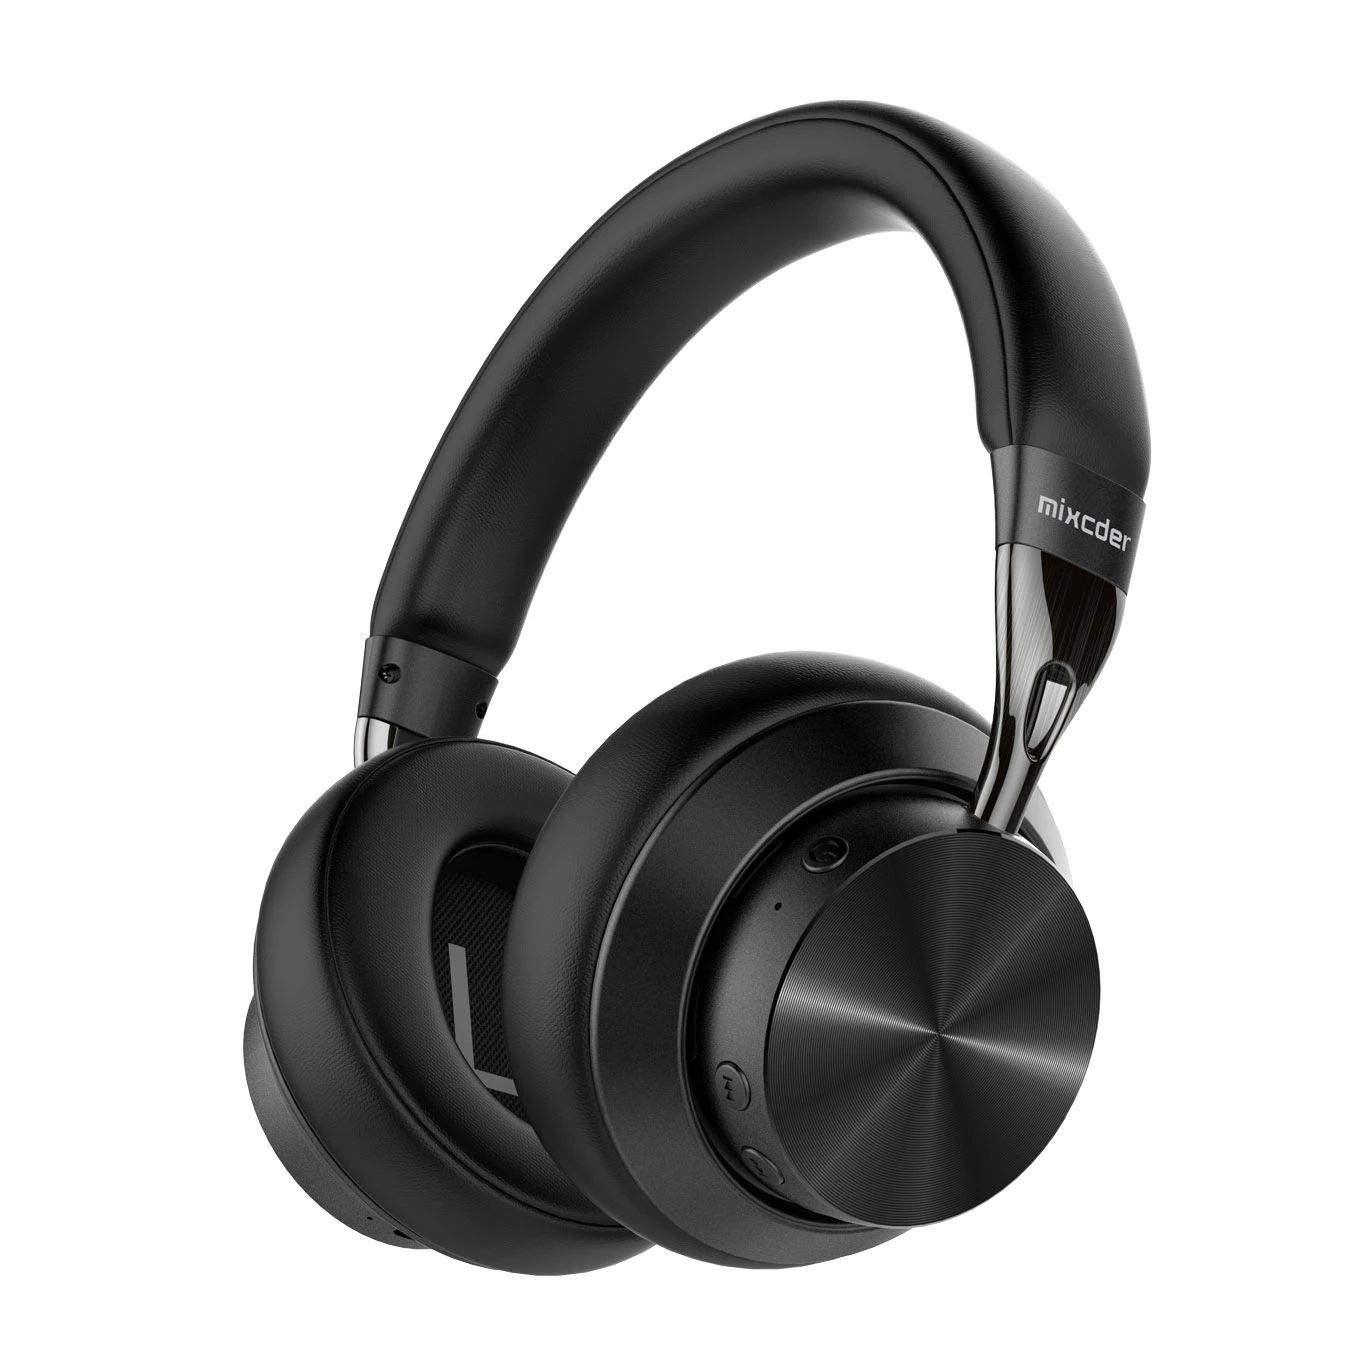 Mixcder E10 Wireless Headphones